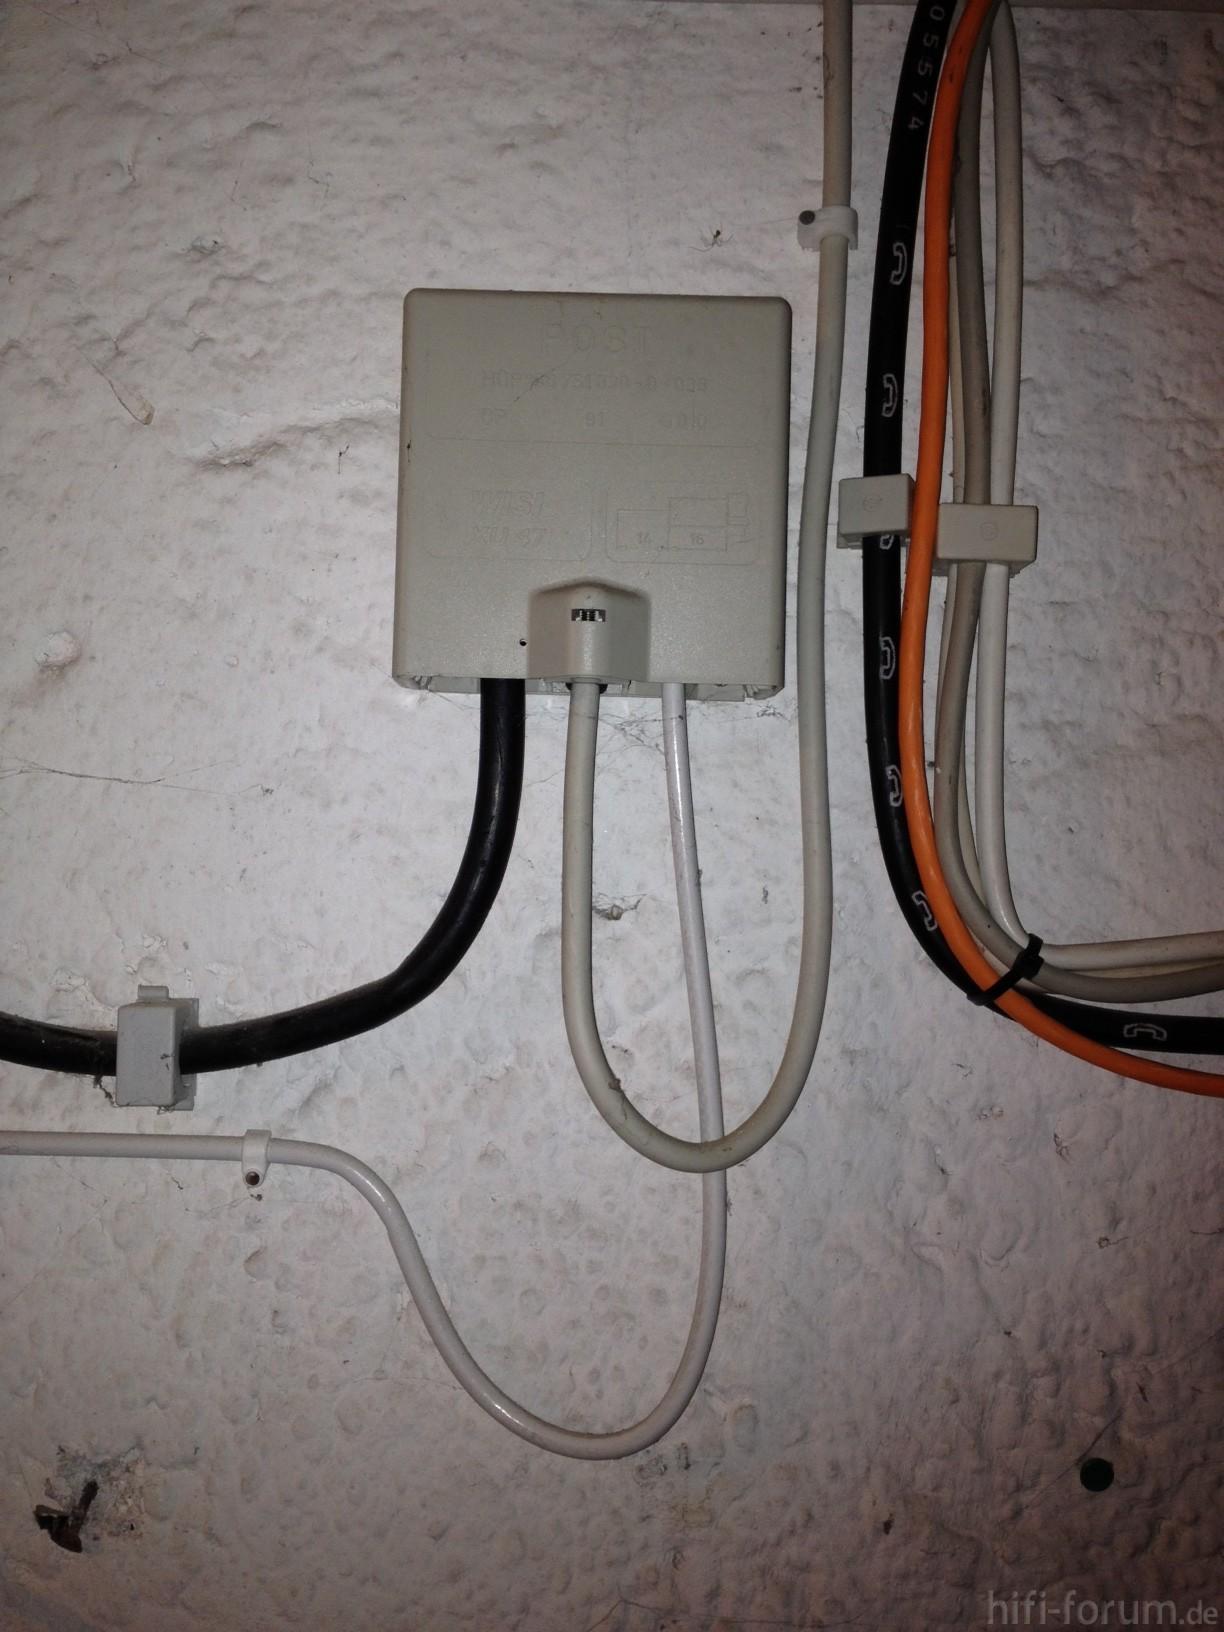 Auf manchen Transpondern schlechter Empfang, Kabel (analog, DVB-C ...